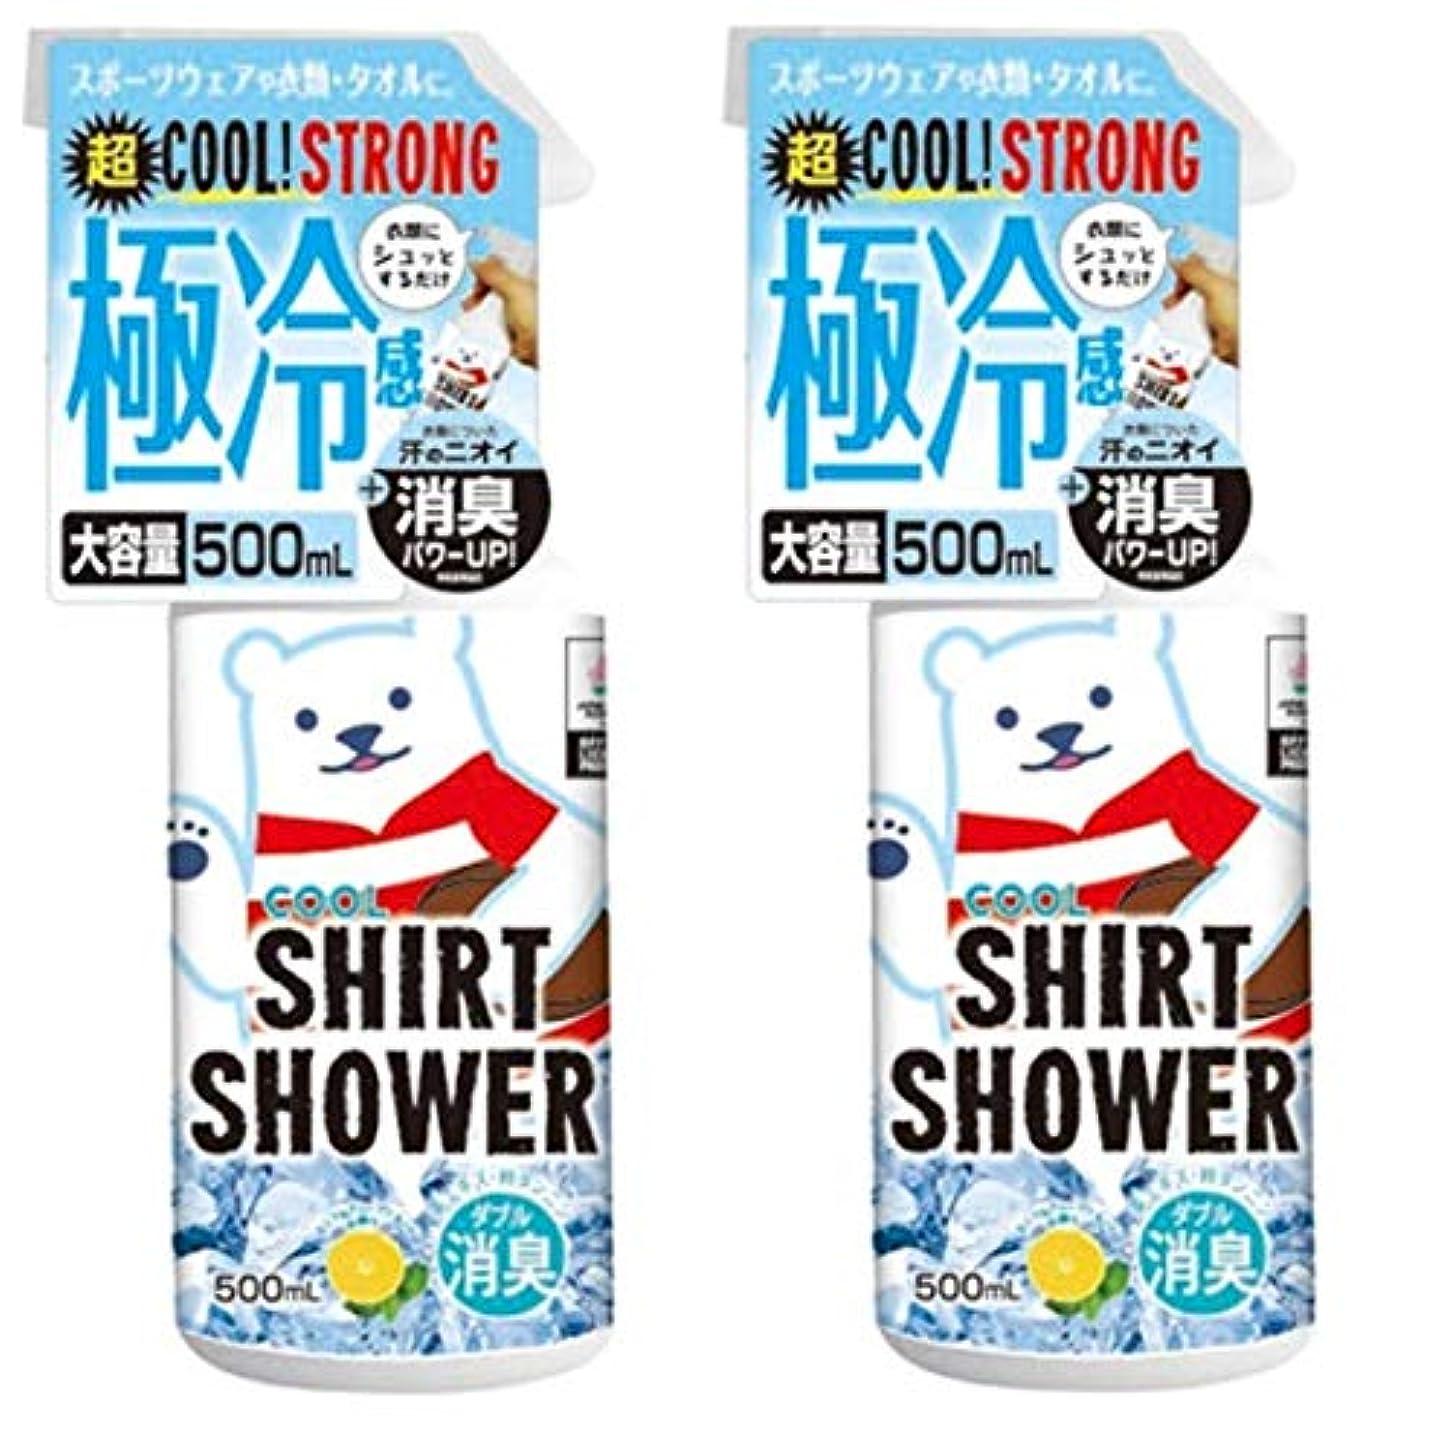 洞窟誤がっかりする【数量限定】ラグビー日本代表コラボ ひんやりシャツシャワー ストロングラグビー 500ml (2個)